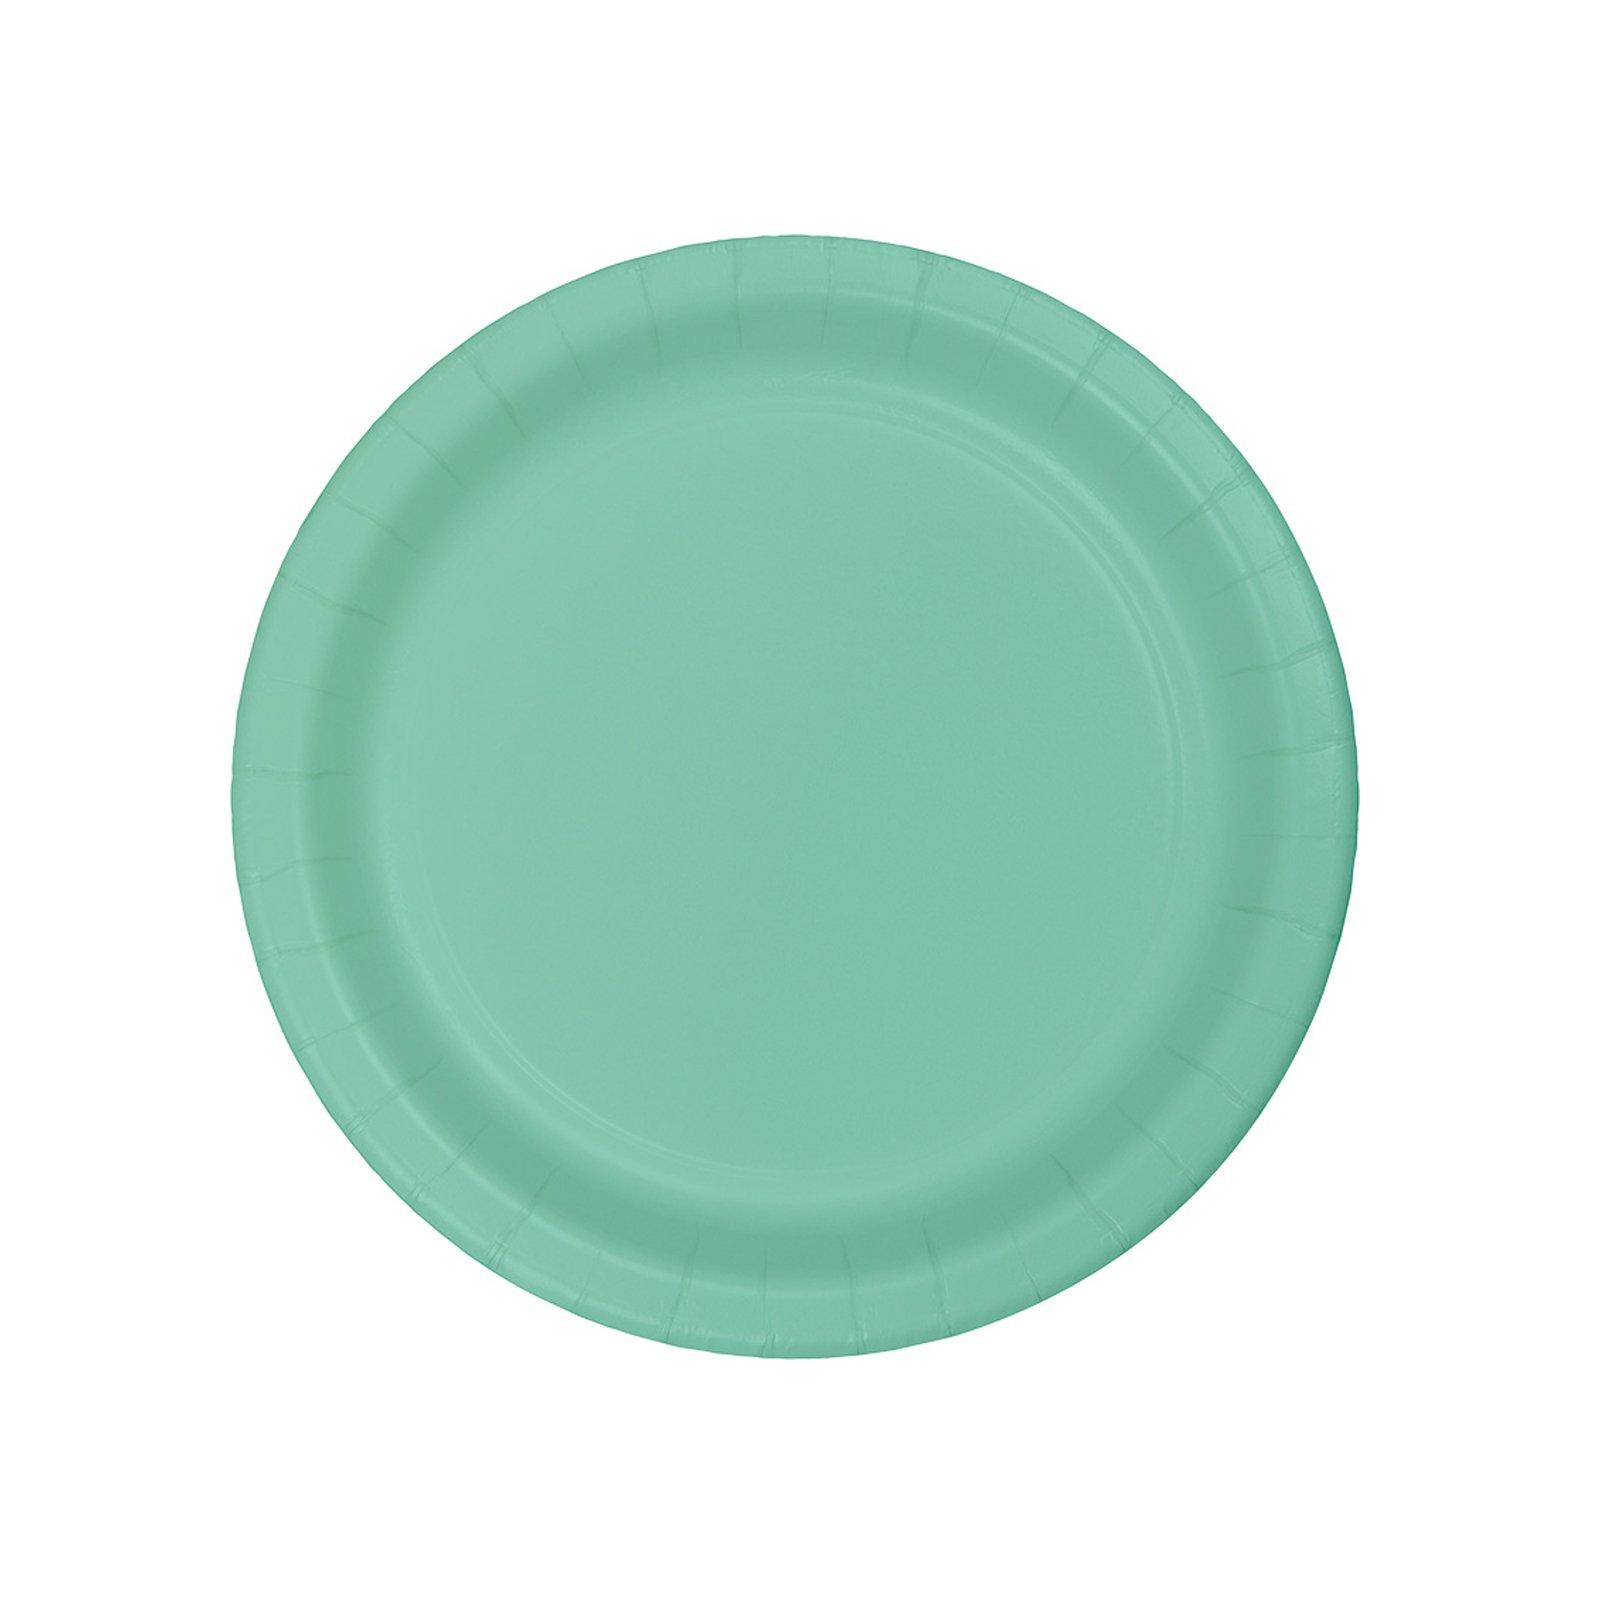 Mint Party Supplies Dessert Plate (48)